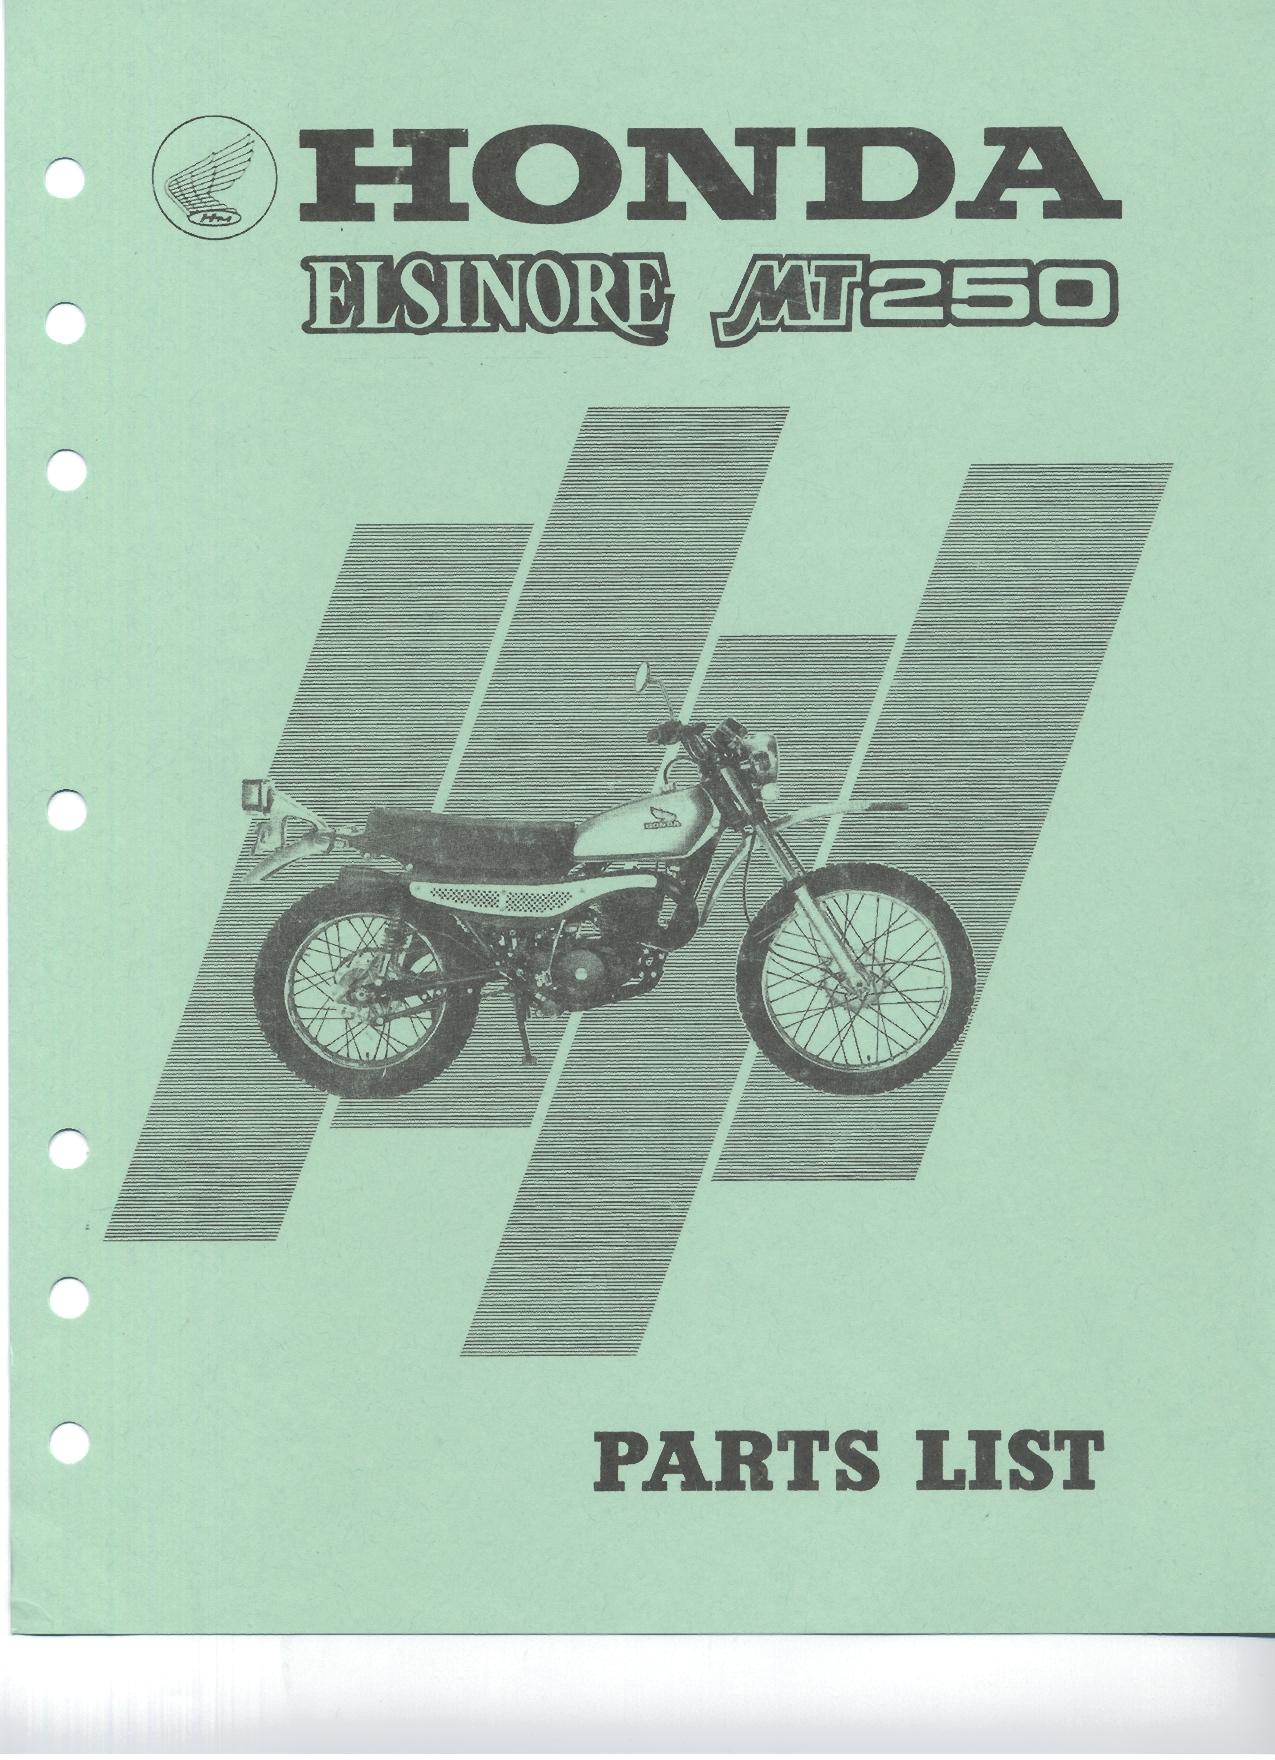 Parts list for Honda MT250 Elsinore (1974)